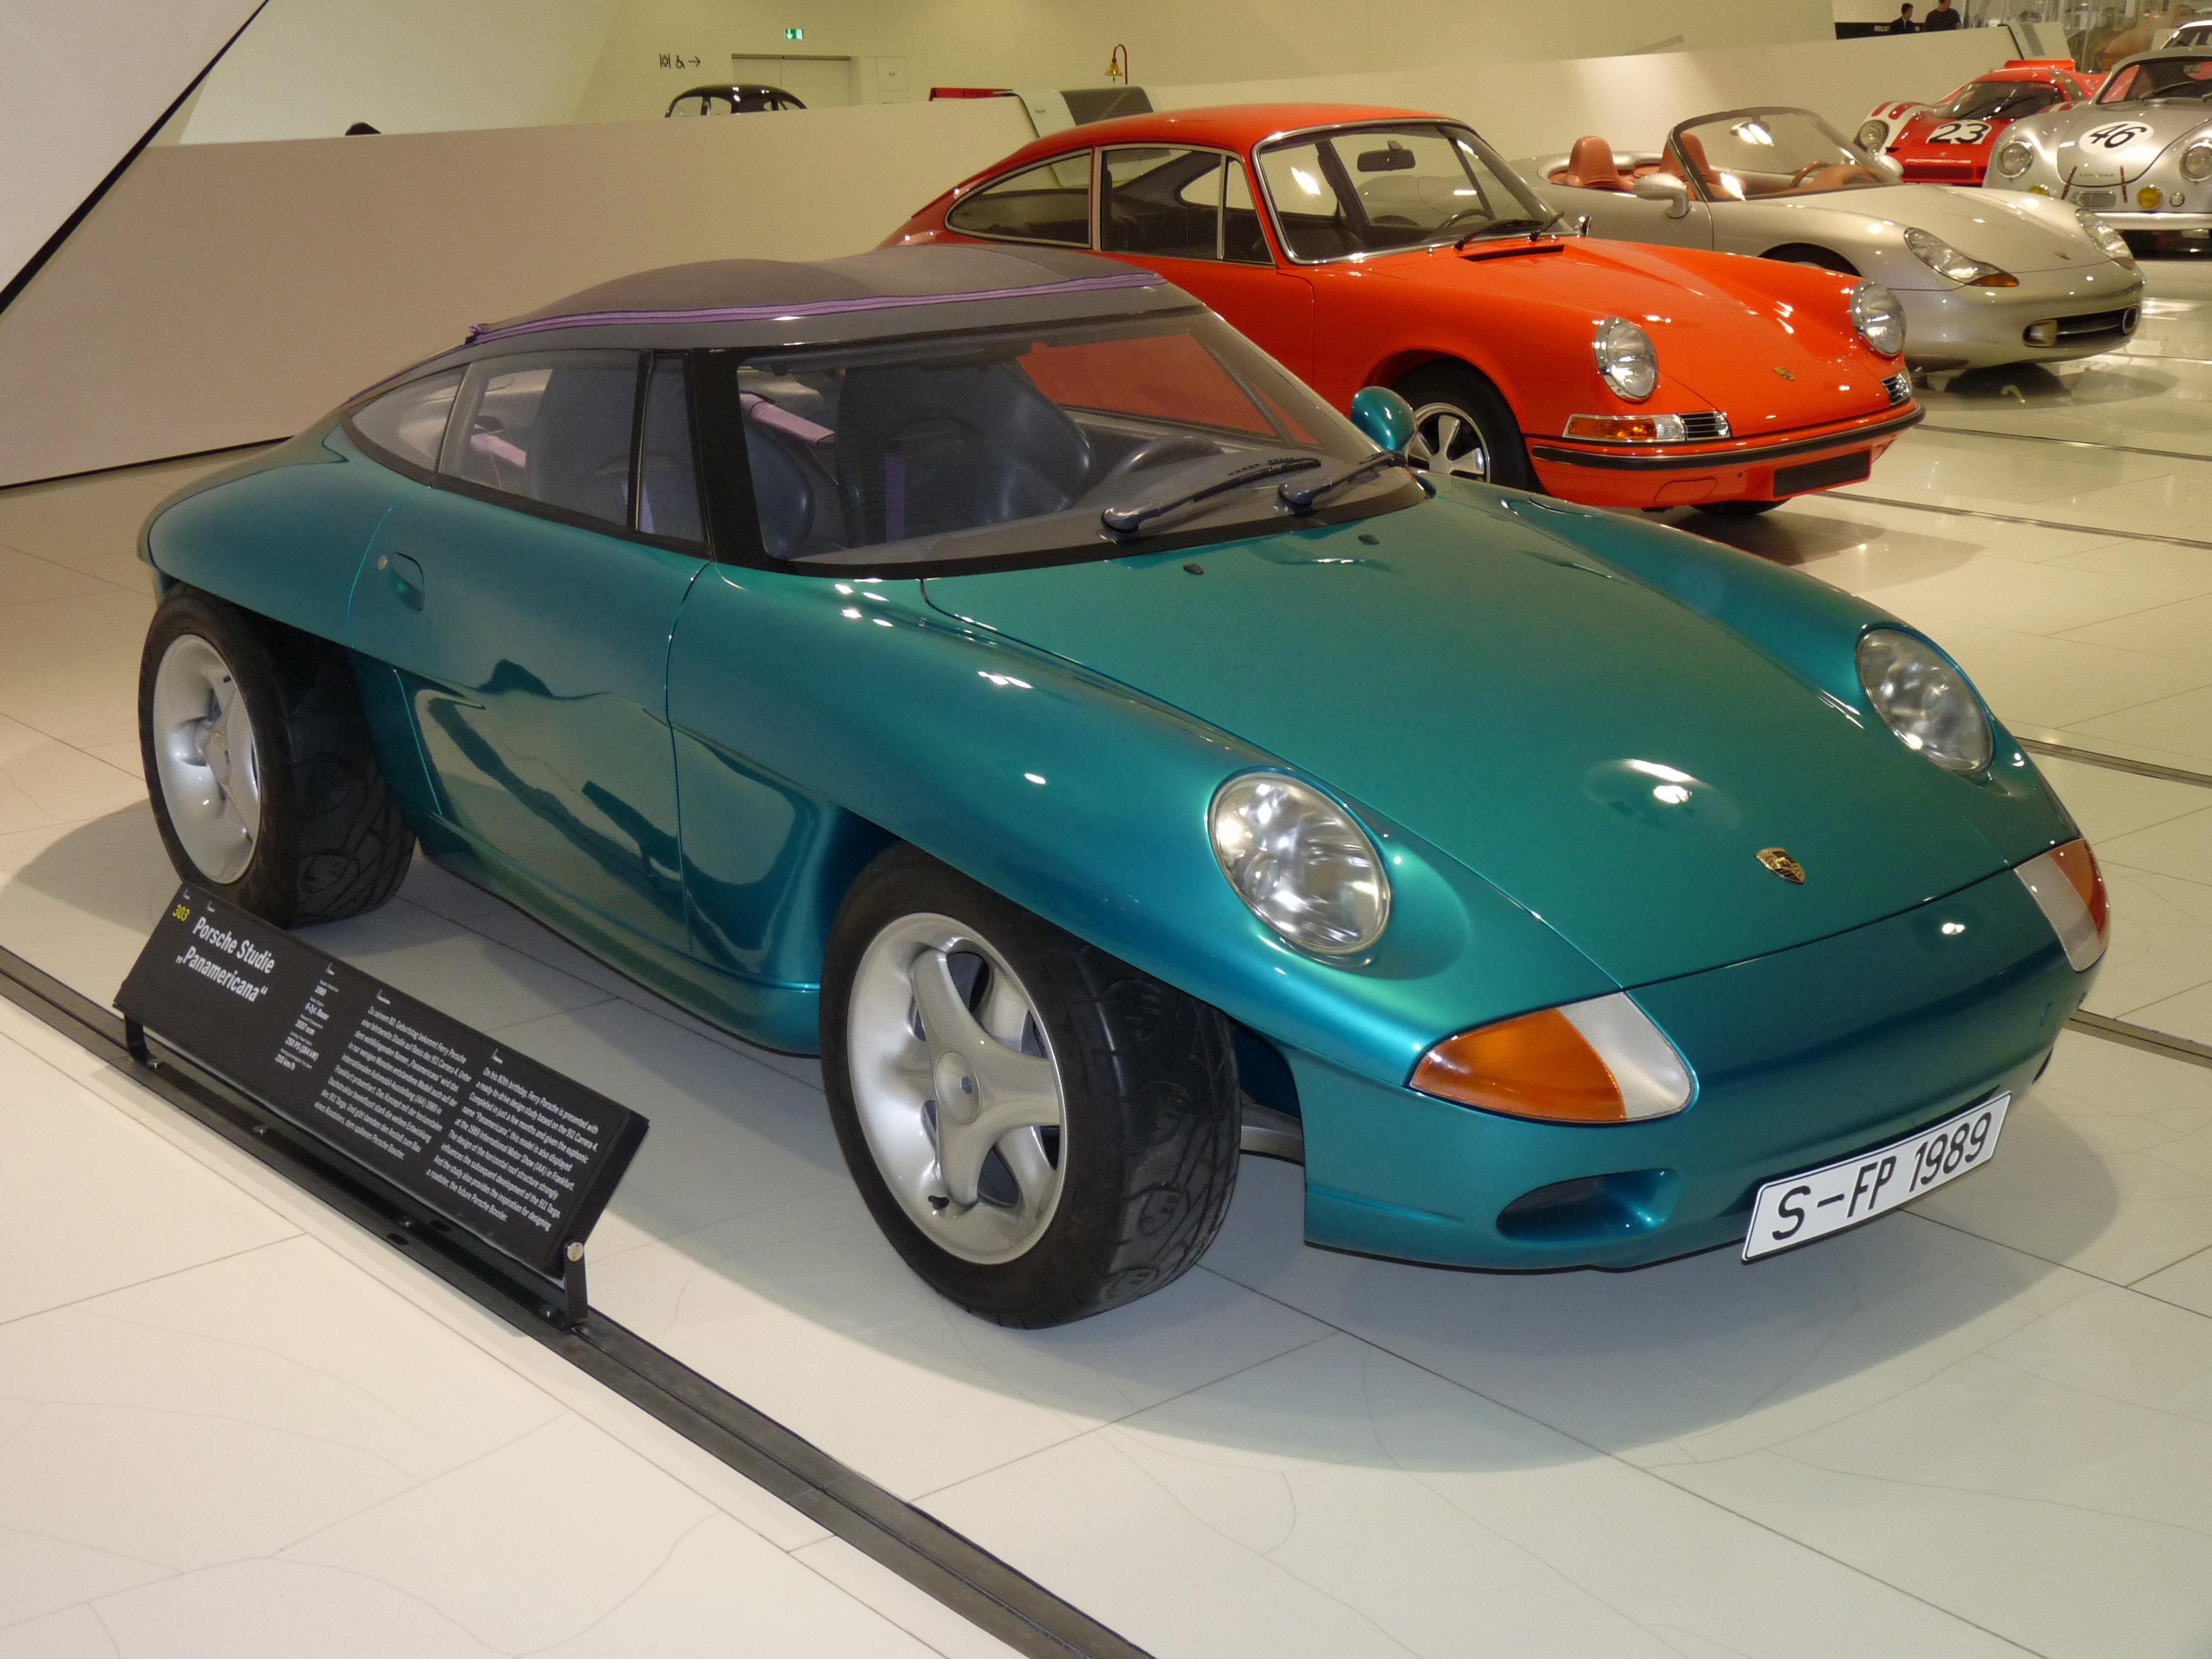 Les news du front : ça y est, j'ai mon Boxster ! Porsche_Panamericana_Prototype_based_on_964_Carrera_4_1989_frontright_2010-03-12_A